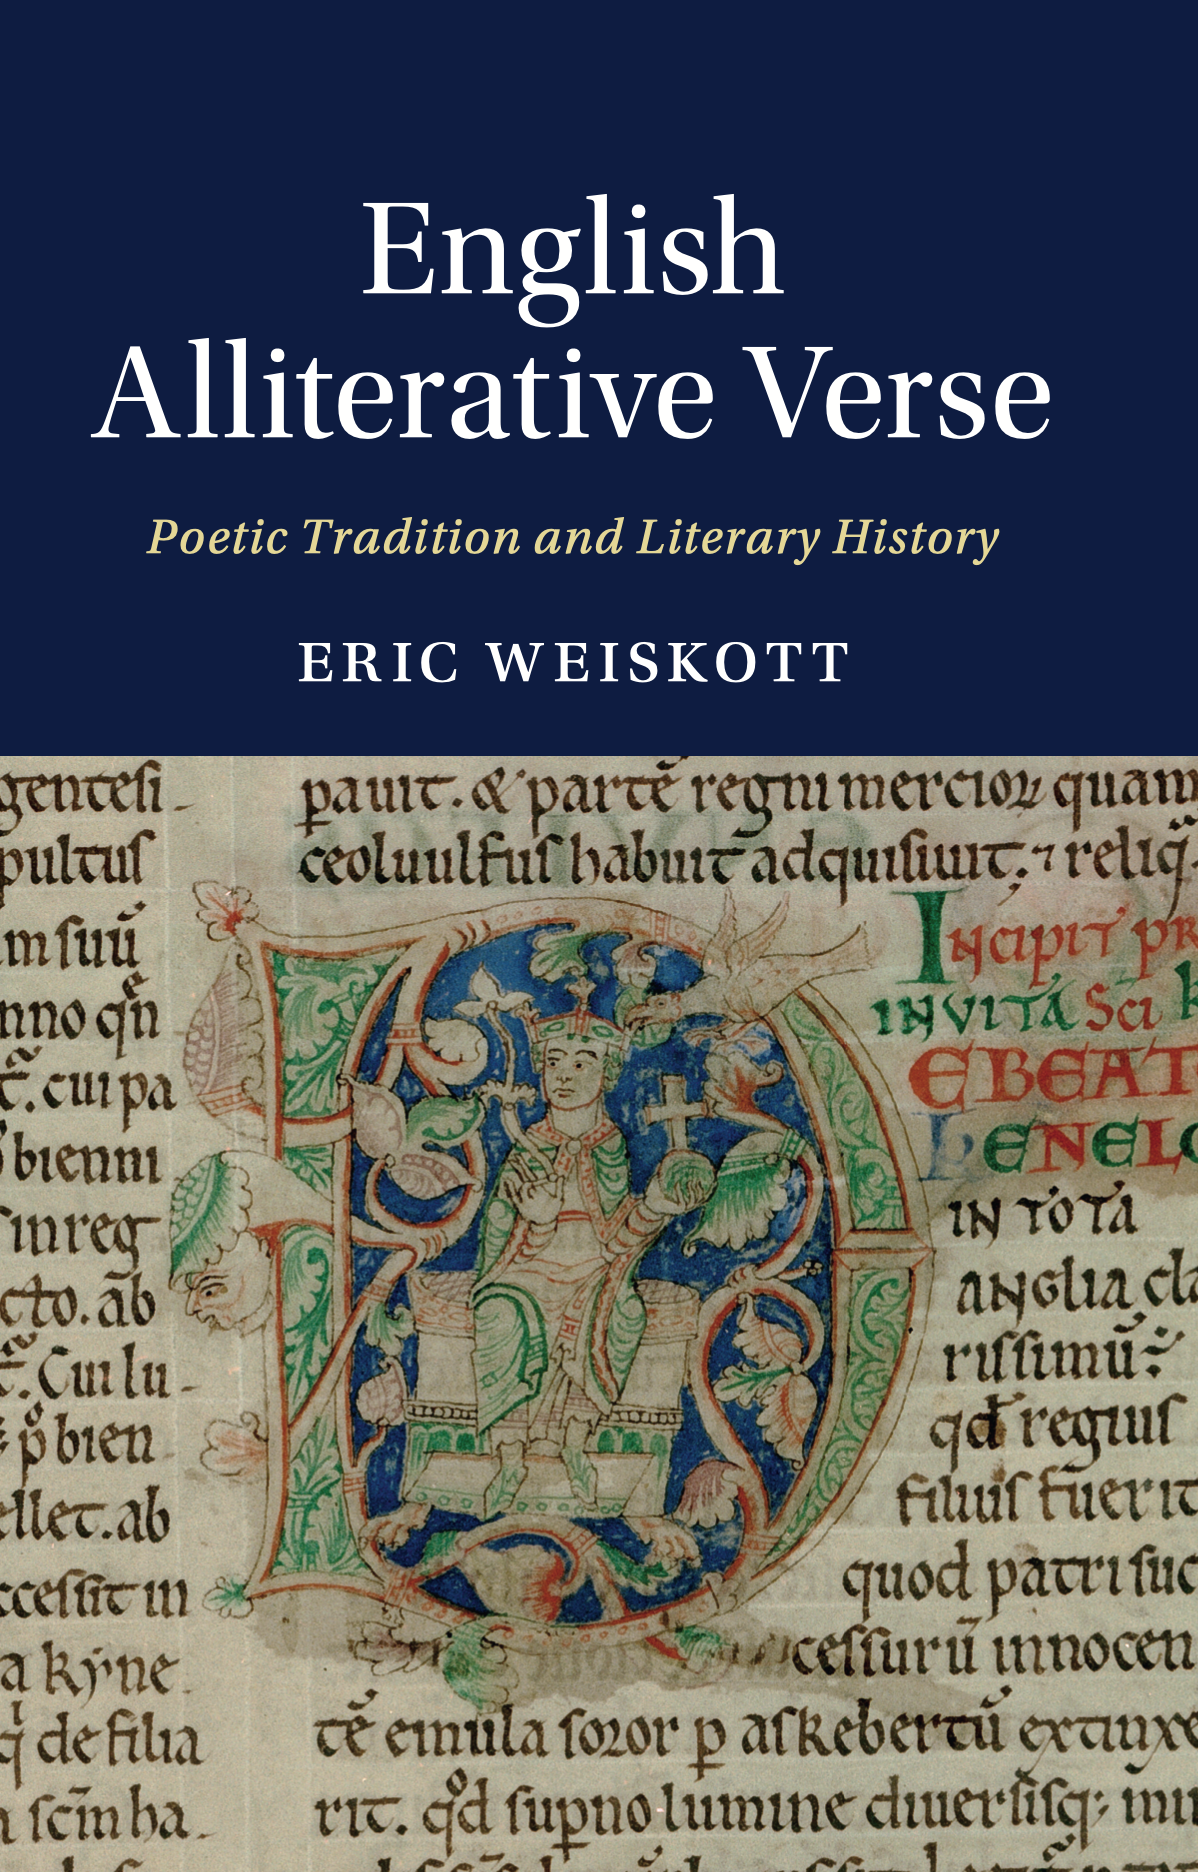 Eric Weiskott, English Alliterative Verse